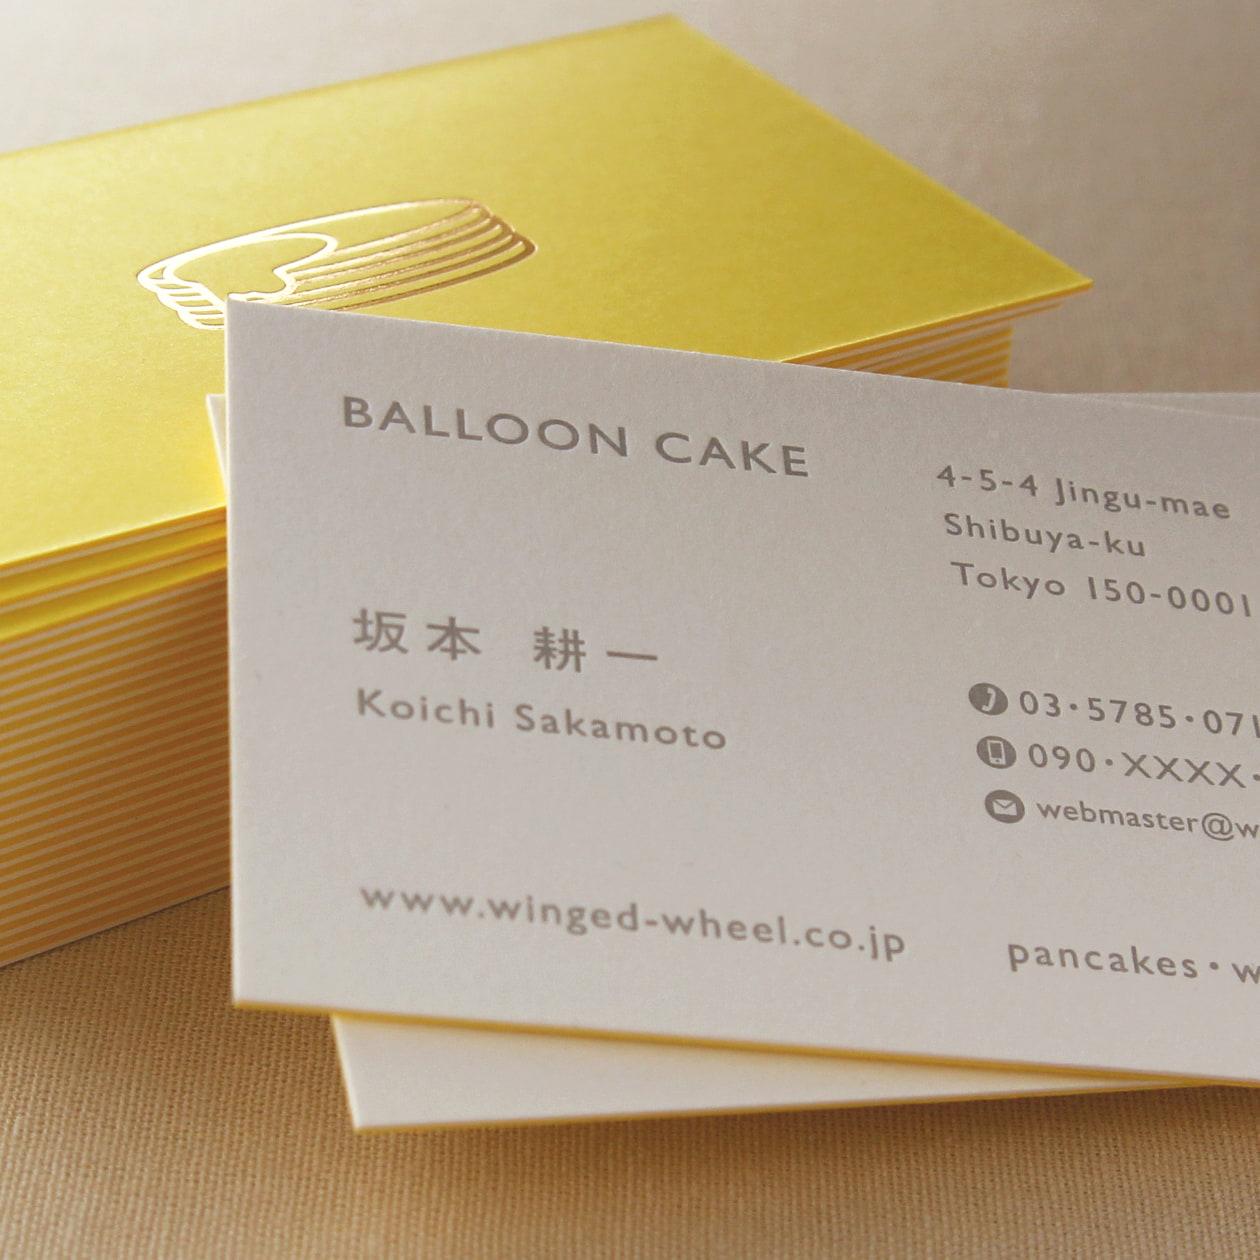 存在感のある厚みが魅力 合紙カードの名刺